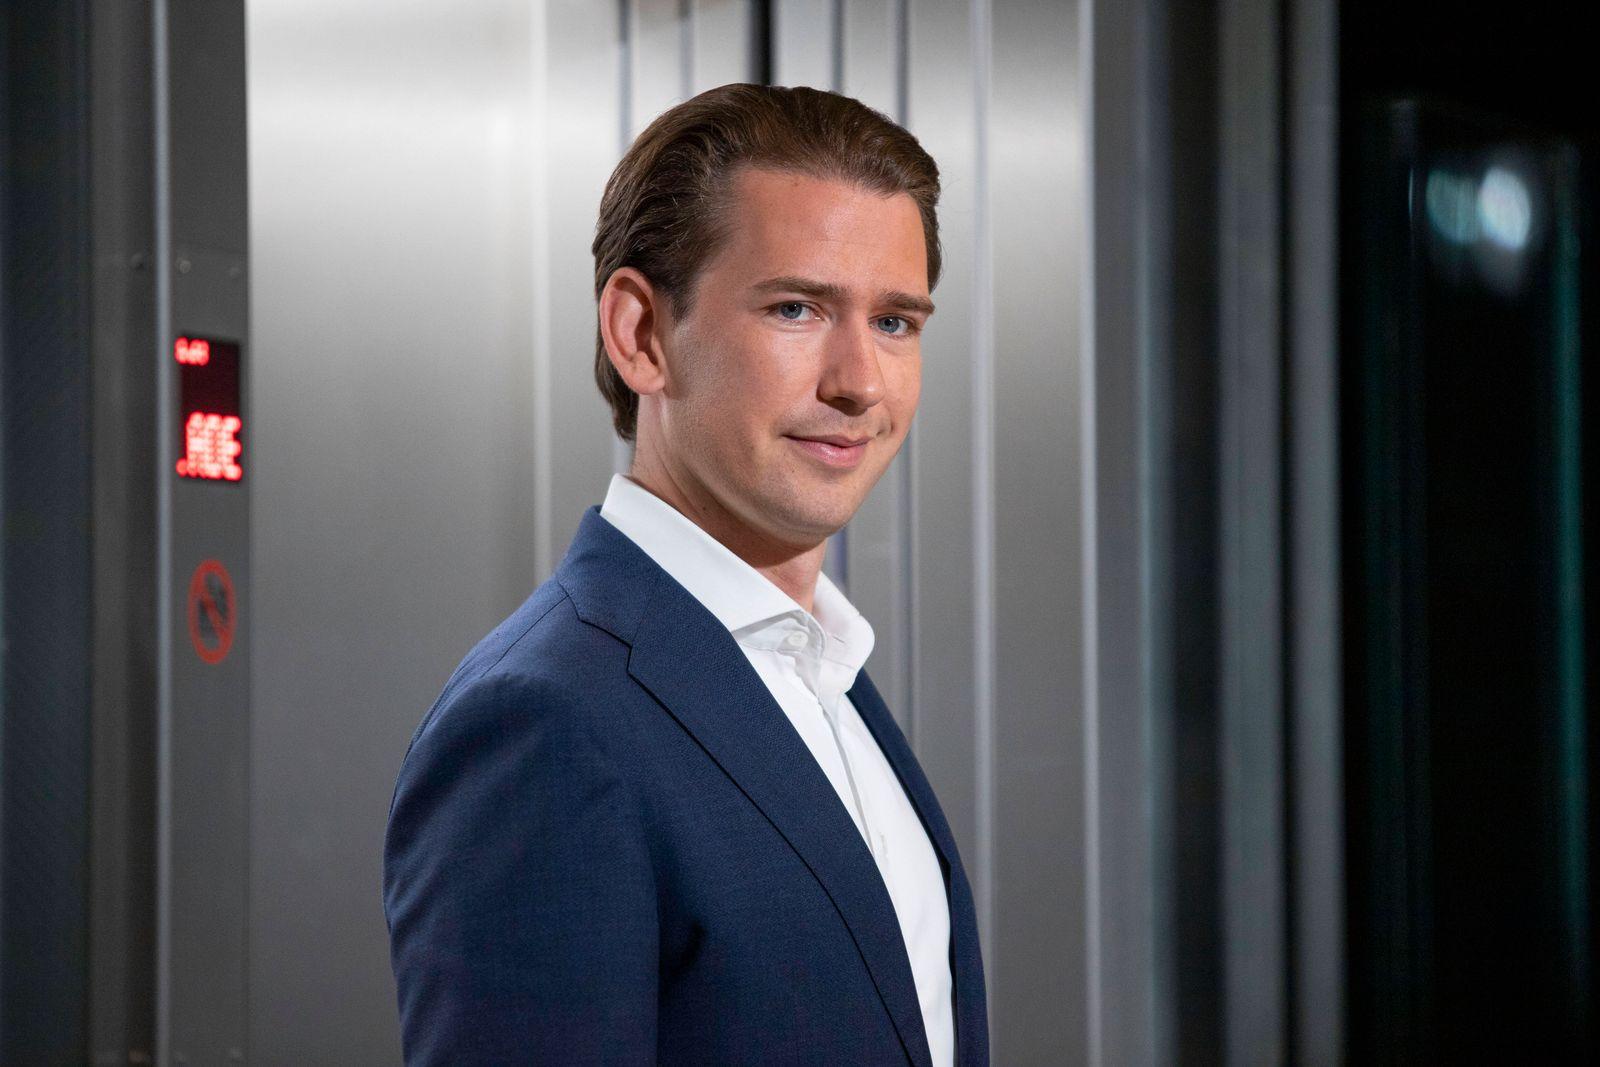 ORF Sommergespräche: Sebastian Kurz *** ORF summer talks: Sebastian Kurz In den ORF Sommergesprächen stellen sich Polit